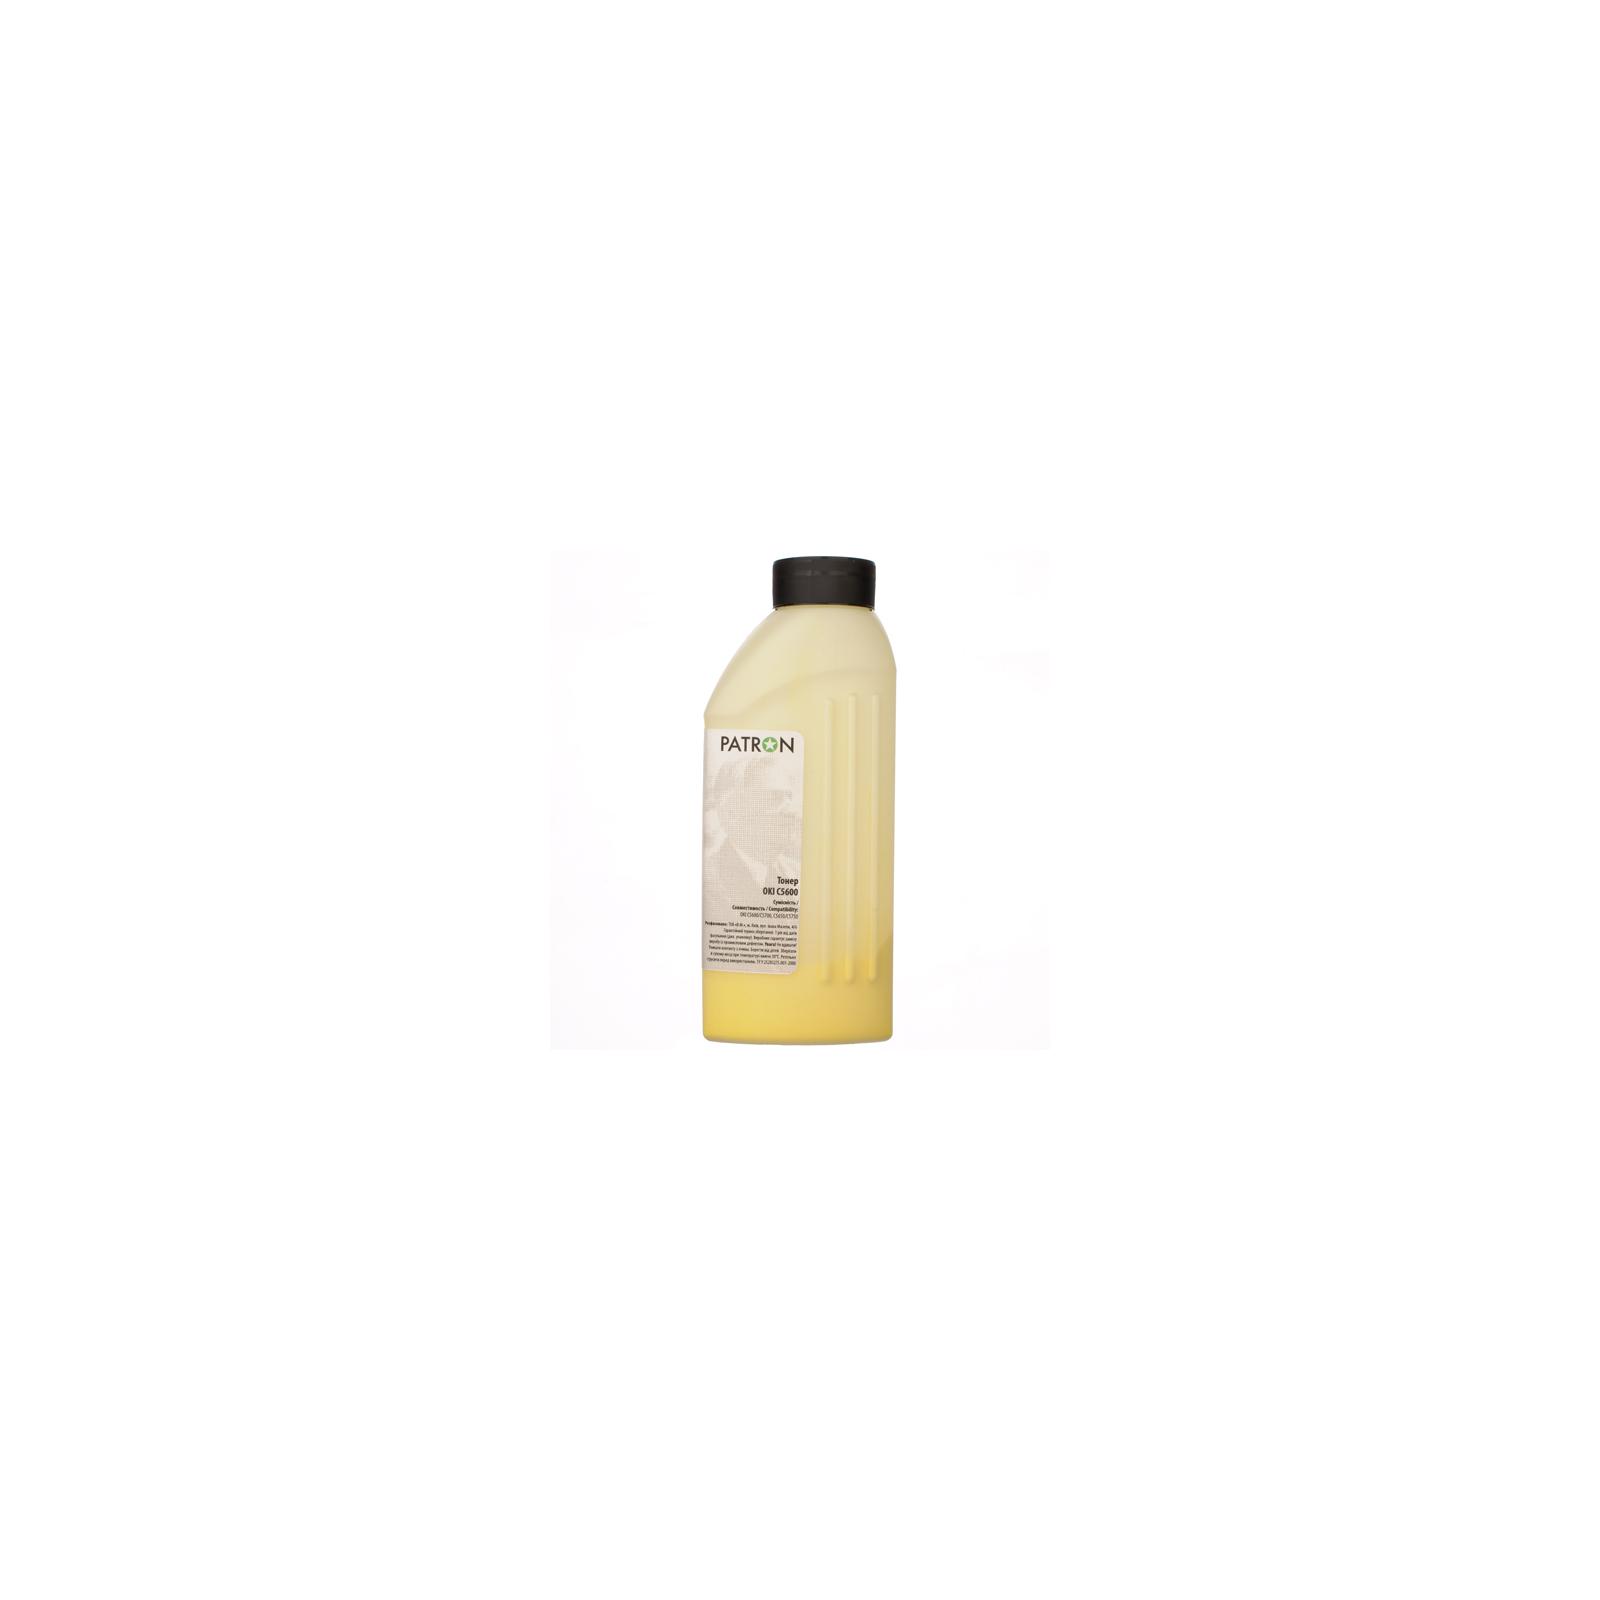 Тонер PATRON OKI C5600 YELLOW 50г (T-PN-OC5600-Y-050) изображение 2